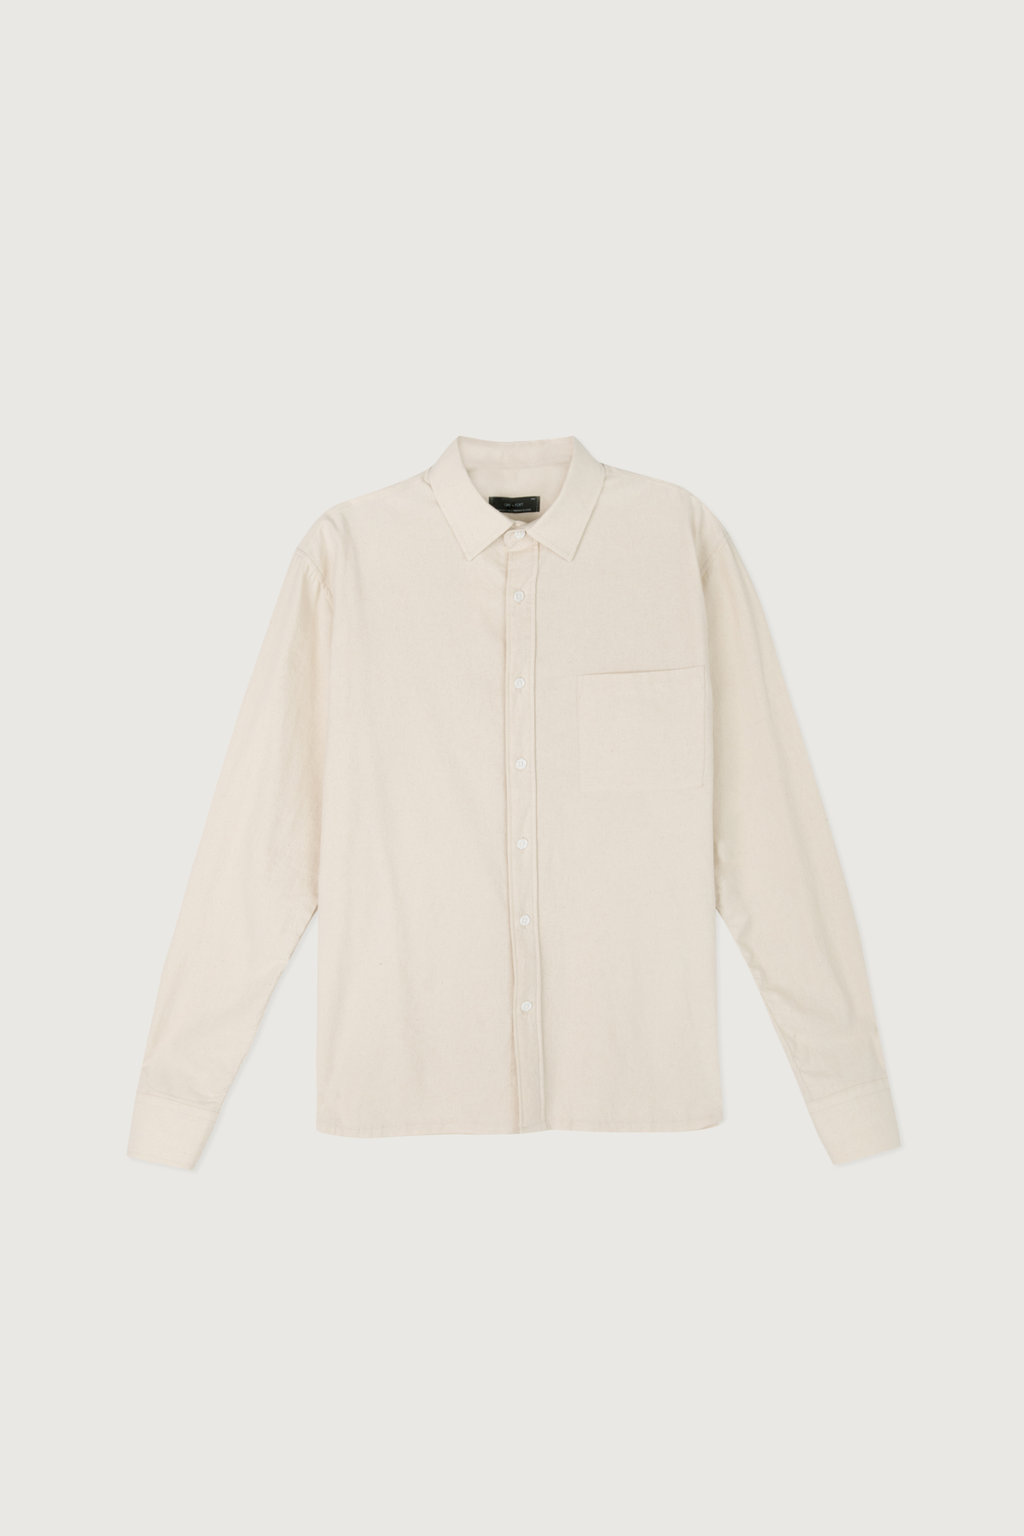 Shirt K001 Cream 5